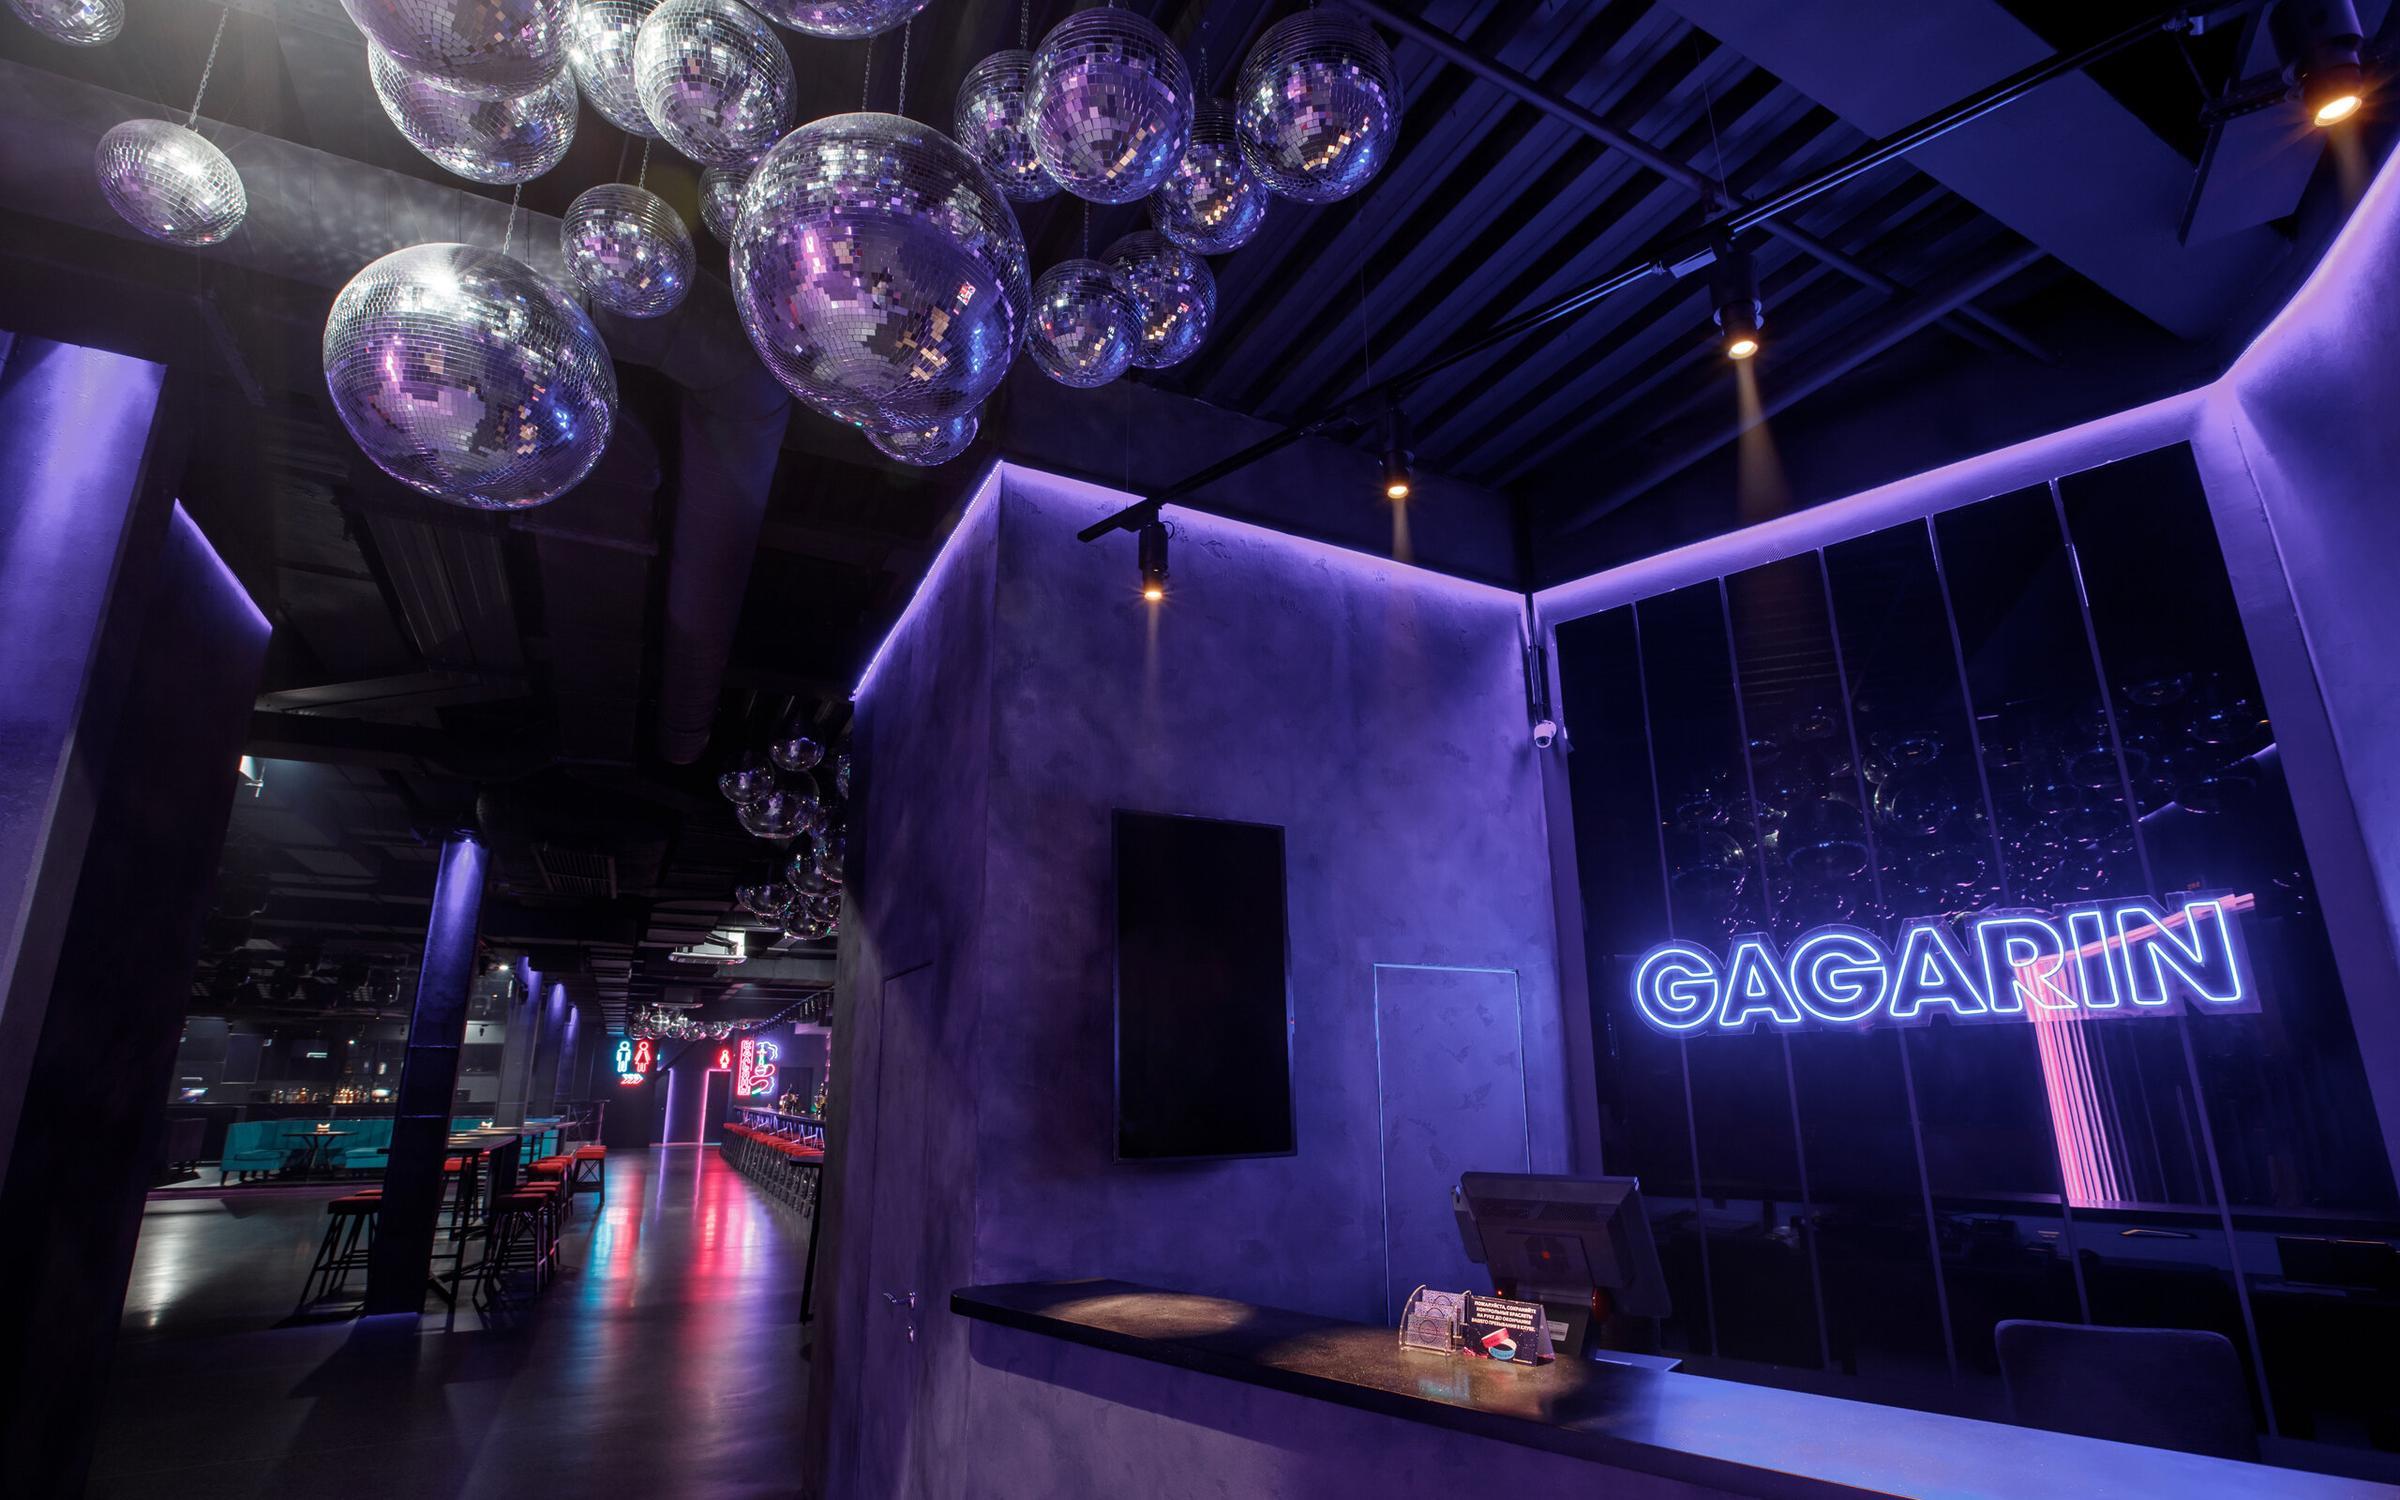 Официальный сайт ночного клуба гагарин клуб ночных волков фото